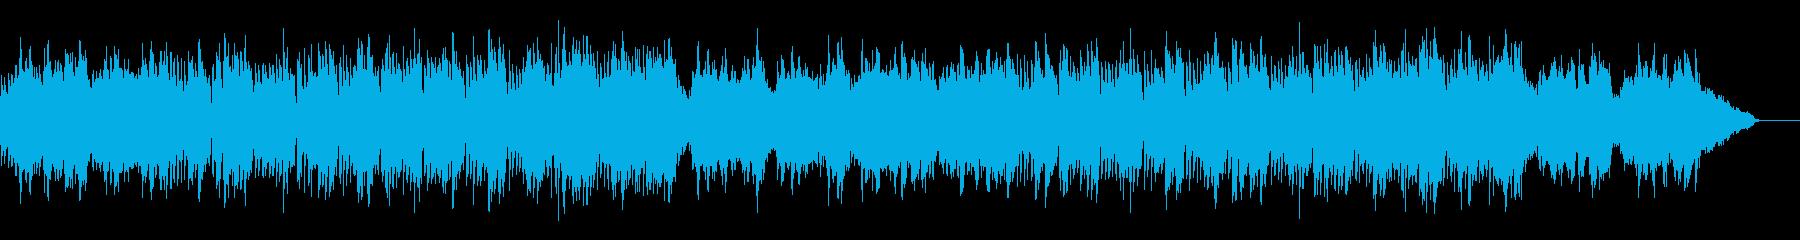 不思議で不穏な曲/クイズ/謎/ミステリーの再生済みの波形